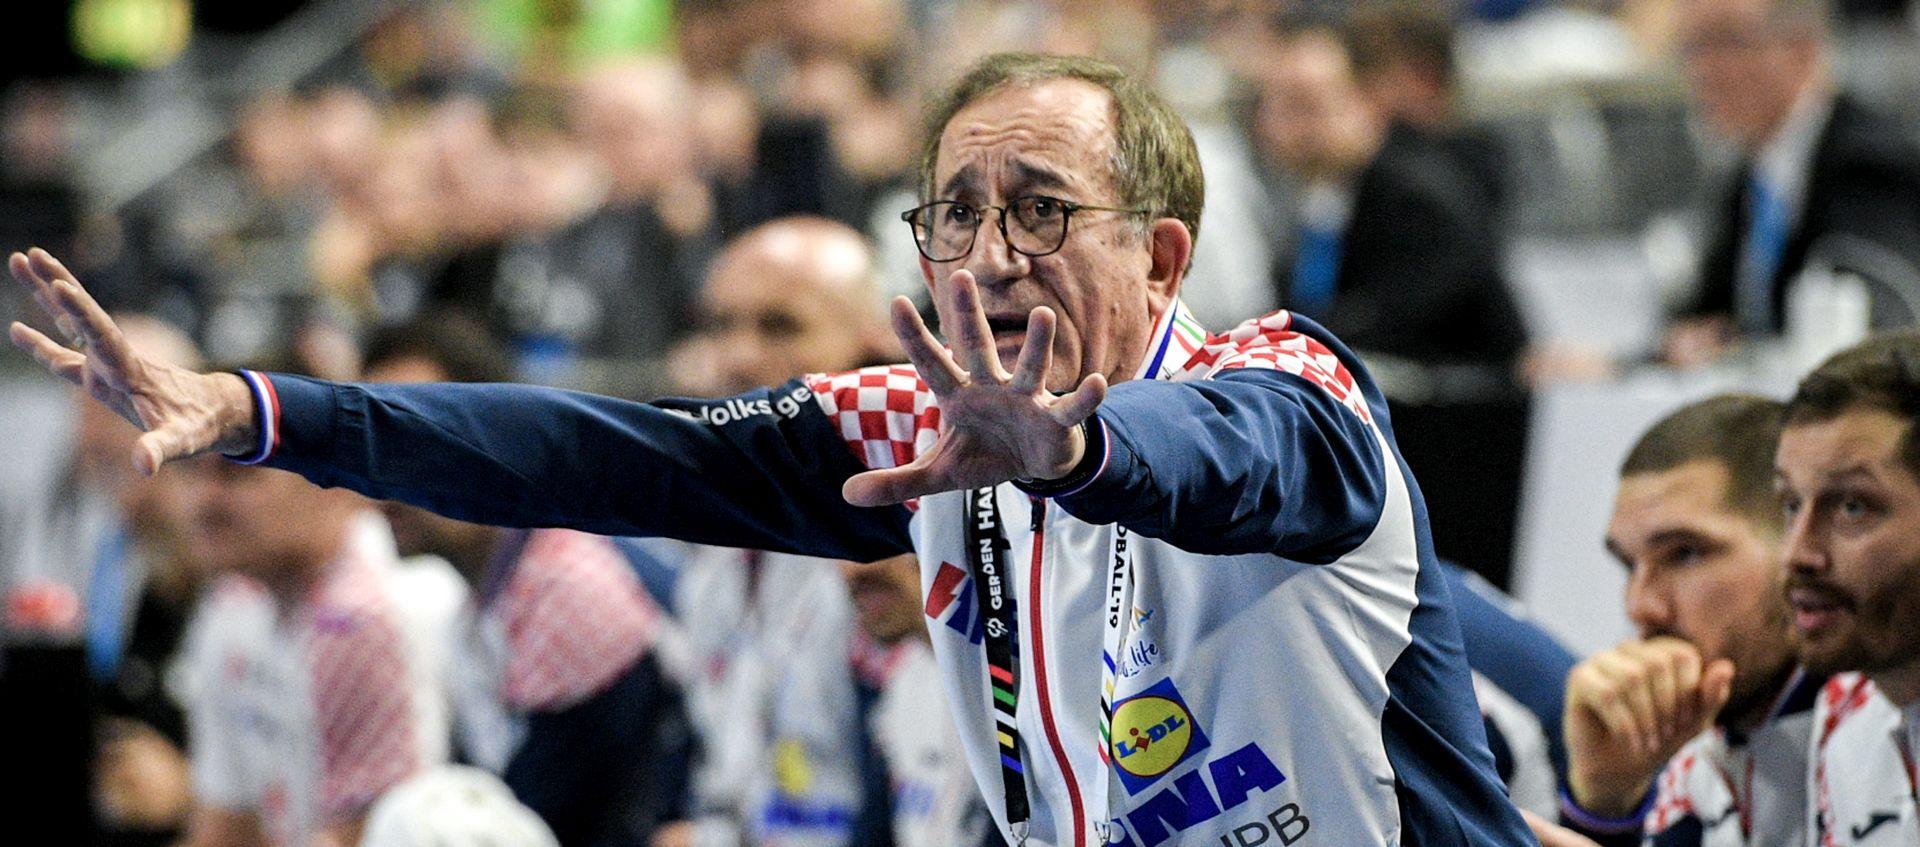 """ČERVAR """"Dobili i svjetskog i europskog prvaka a polufinale nećemo vidjeti"""""""